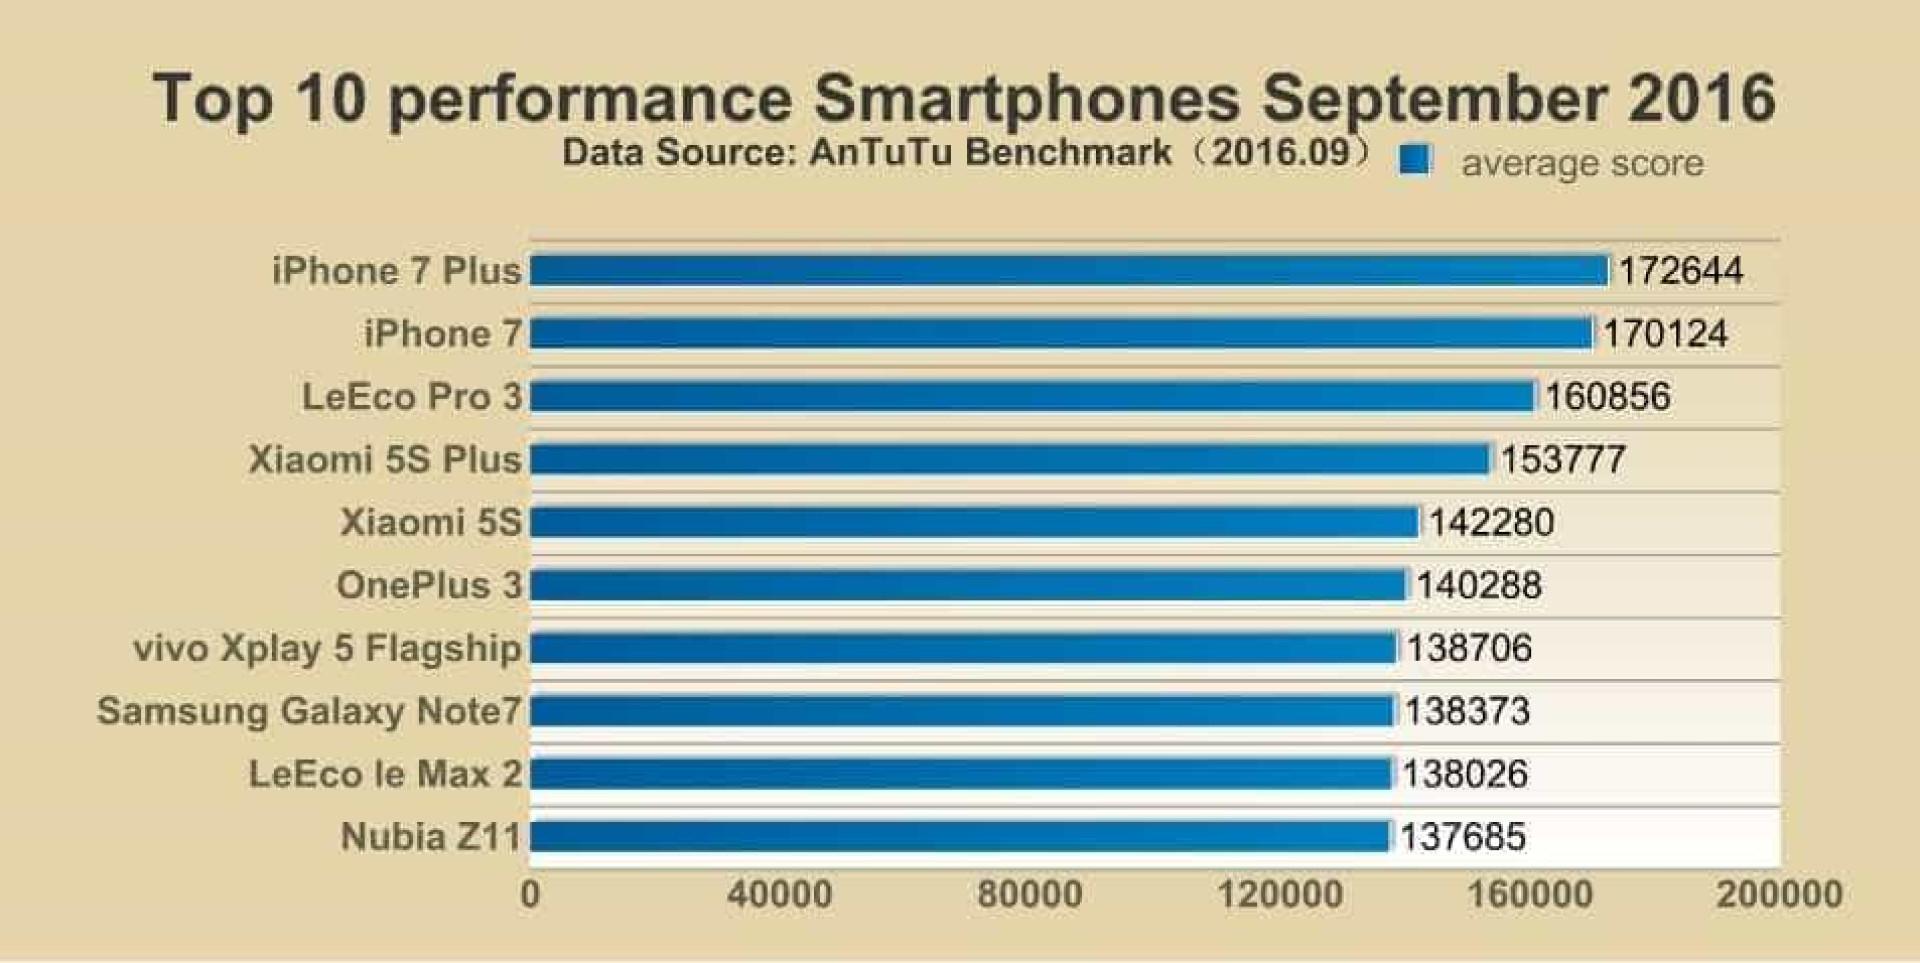 iPhone 7 Plus chega ao topo como smartphone mais potente do mundo